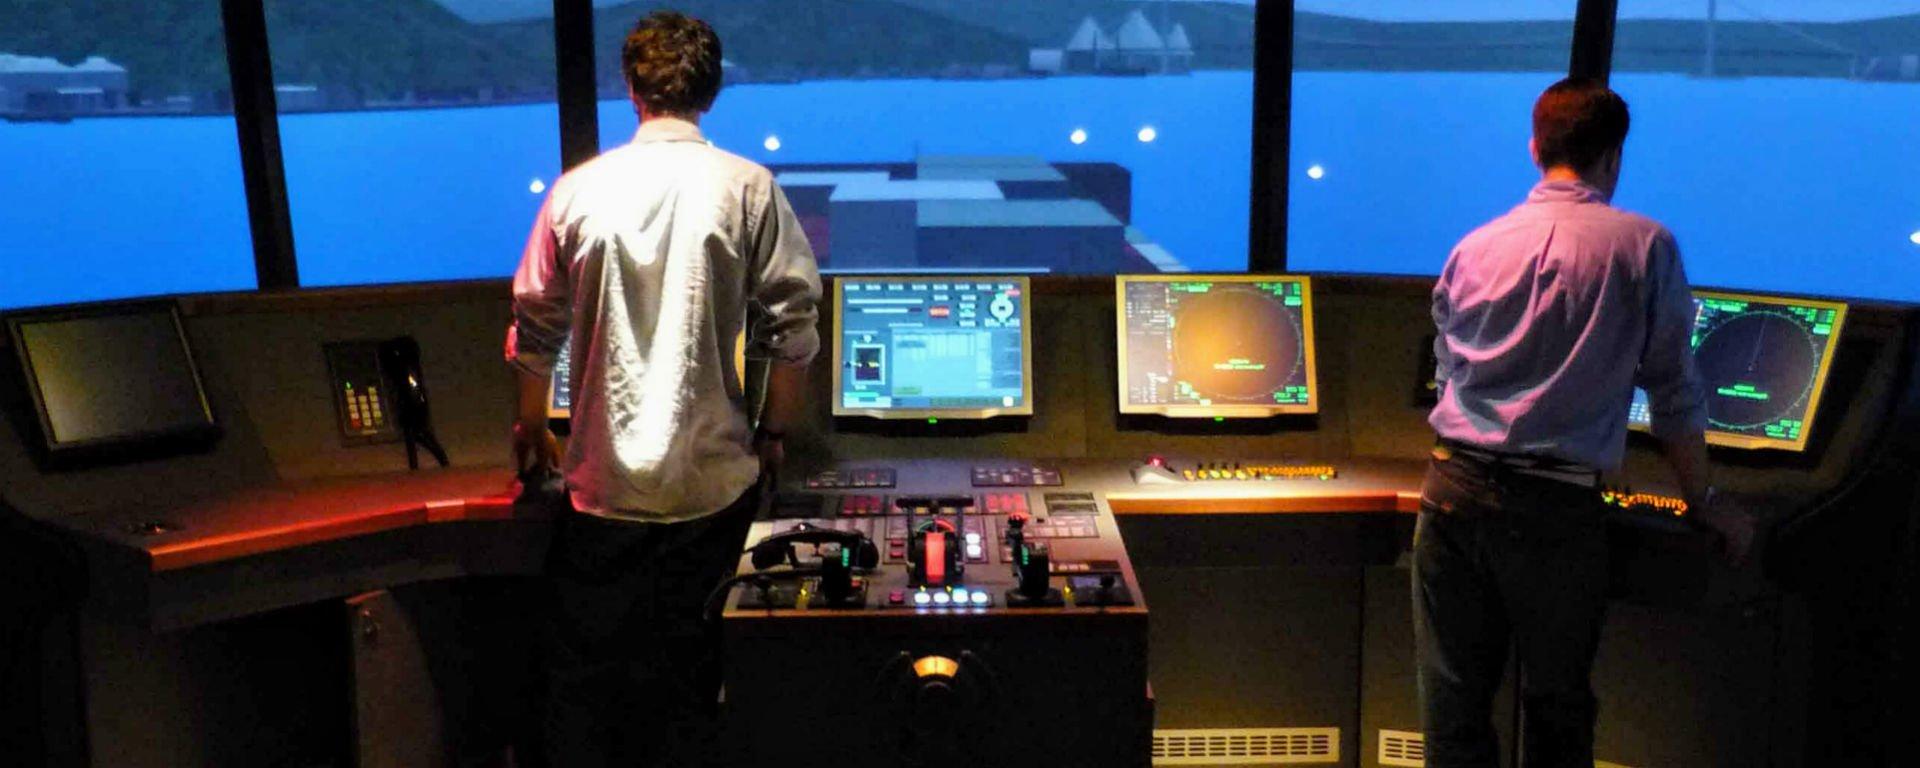 Simulateur pilotage fleuve rhone CNR